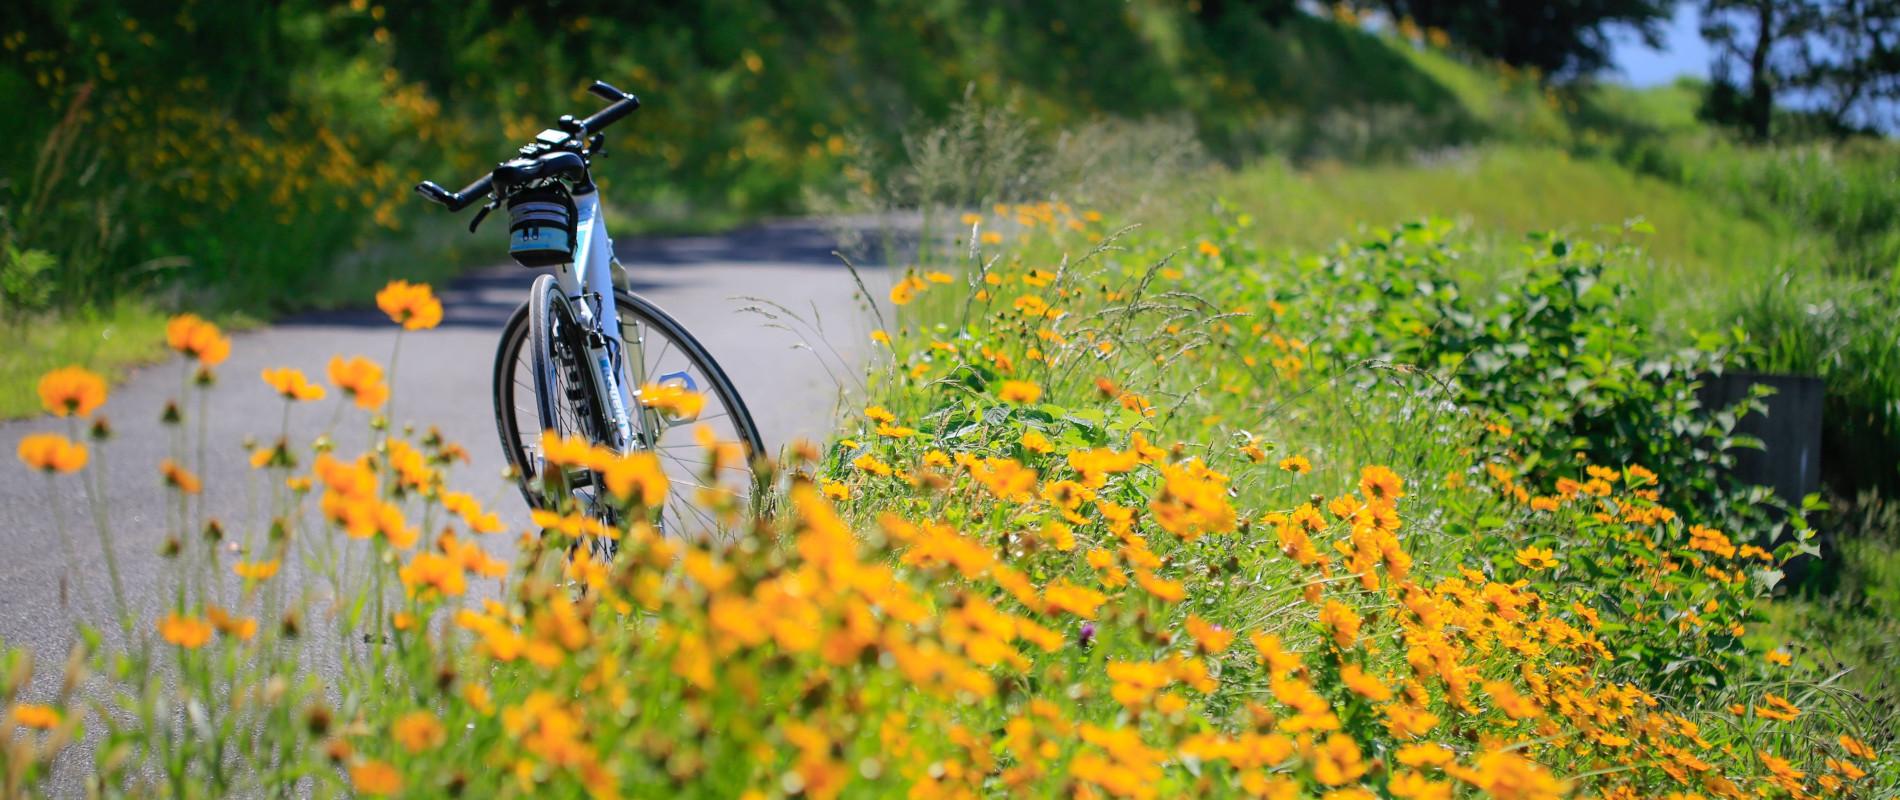 清水輪業自転車部門